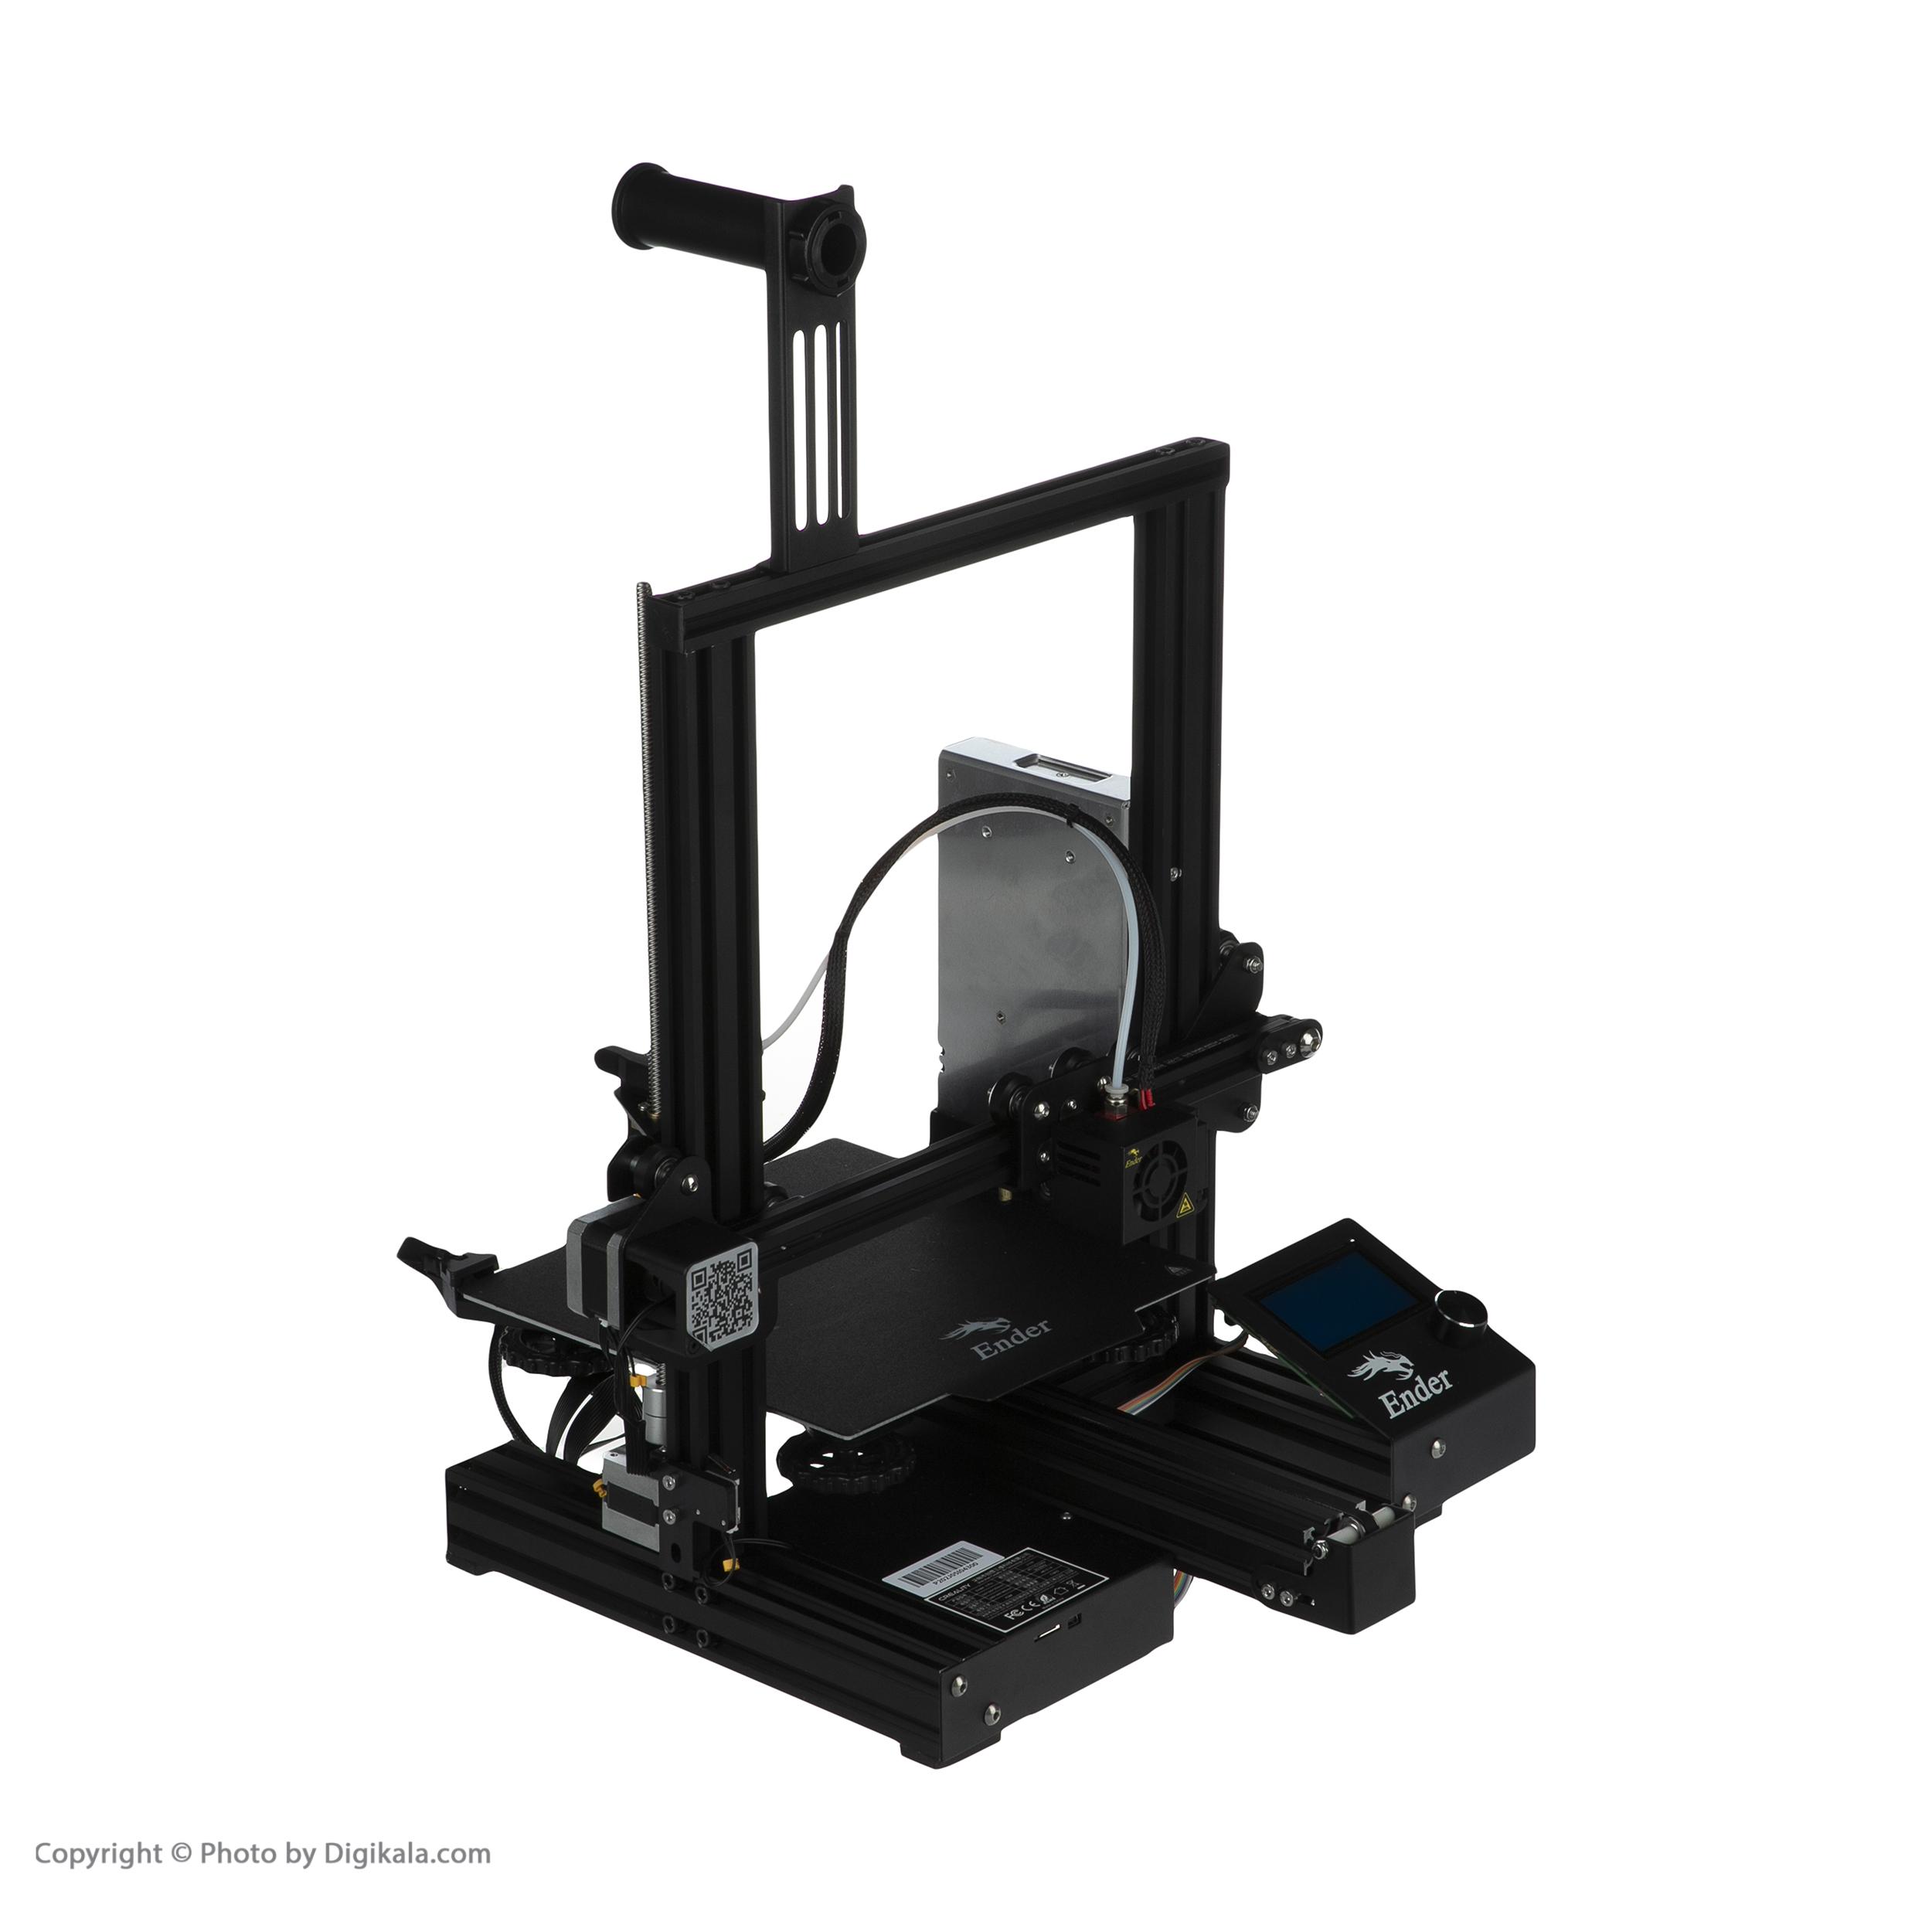 قیمت                      پرینتر سه بعدی کریلیتی مدل Ender3pro